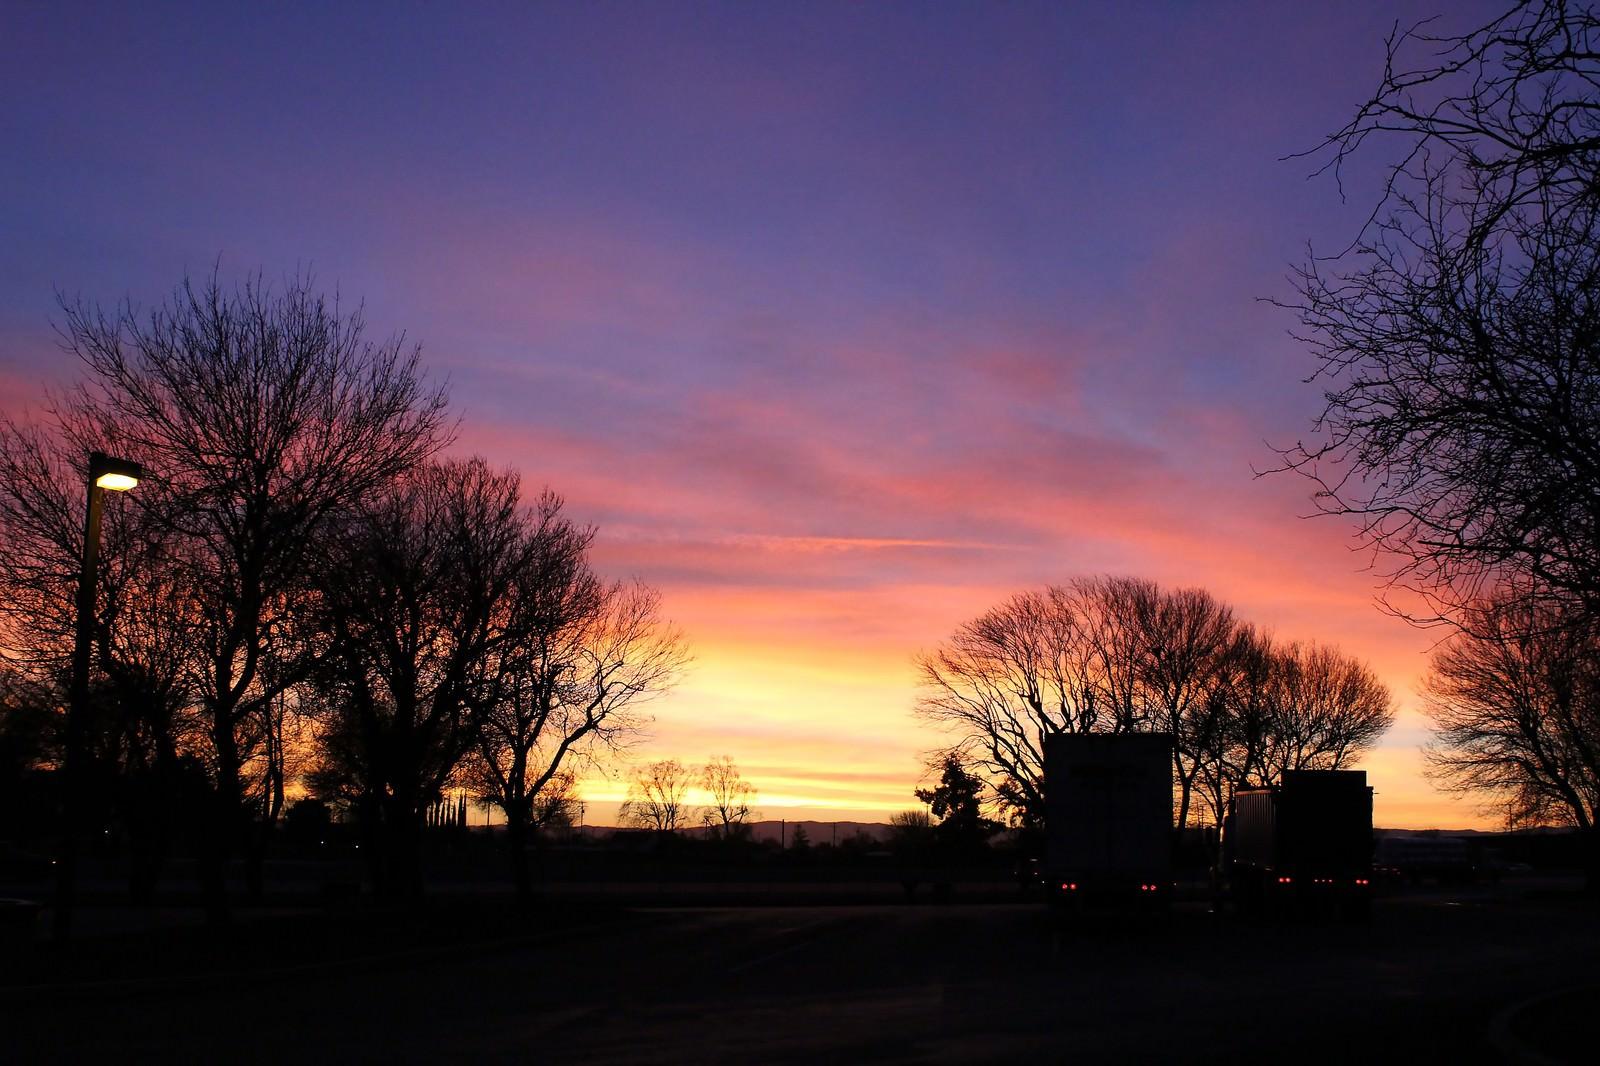 「夕暮れと木のシルエット」の写真